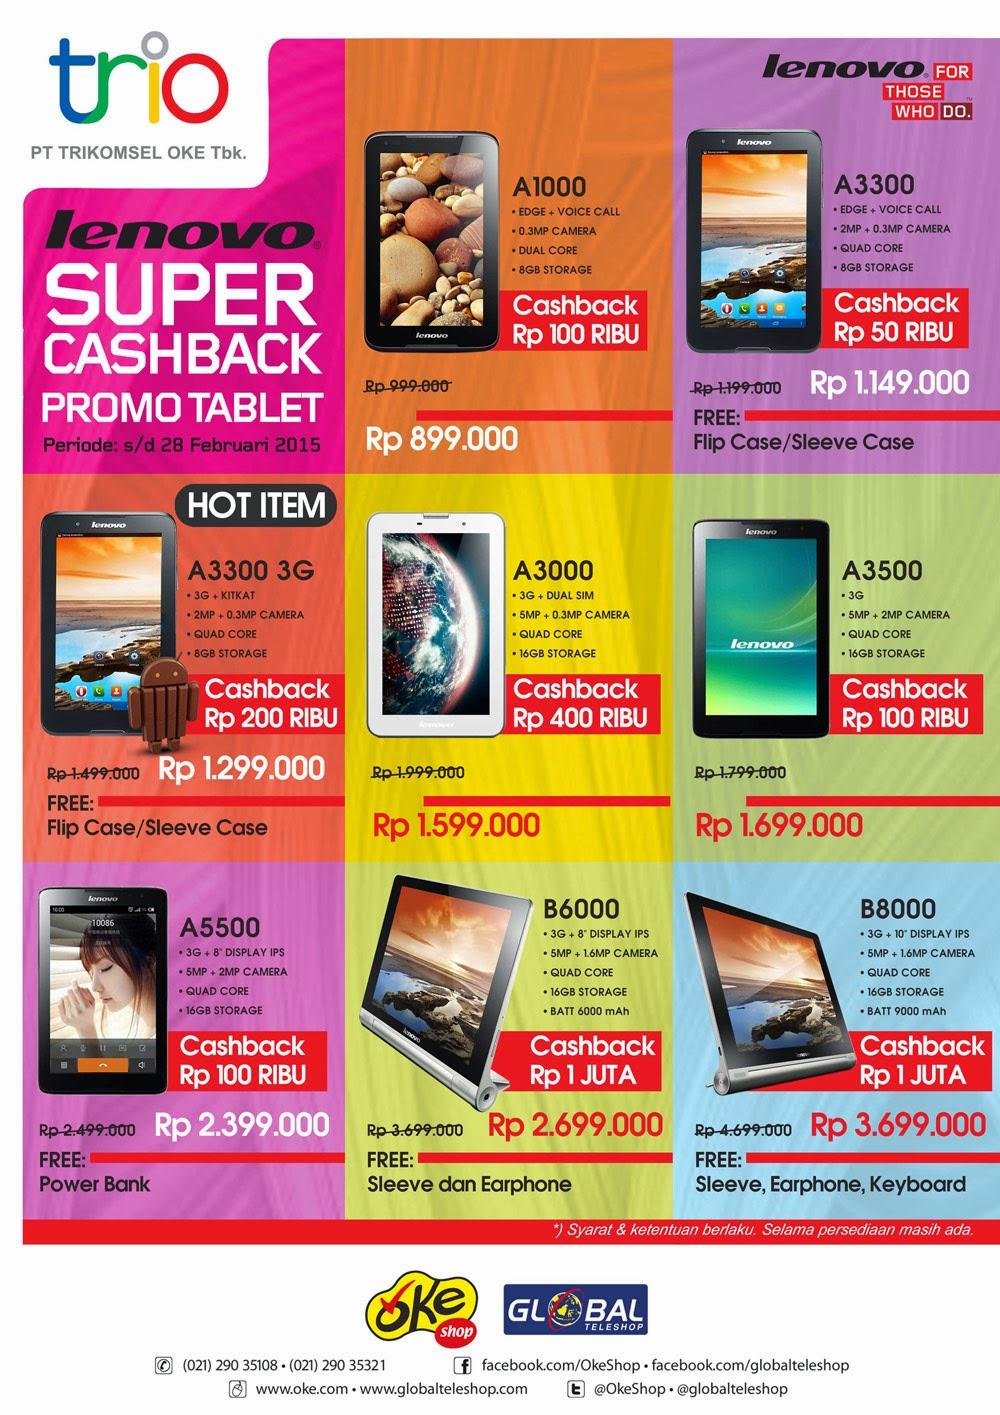 Promo Tablet Lenovo Super Cashback 2015